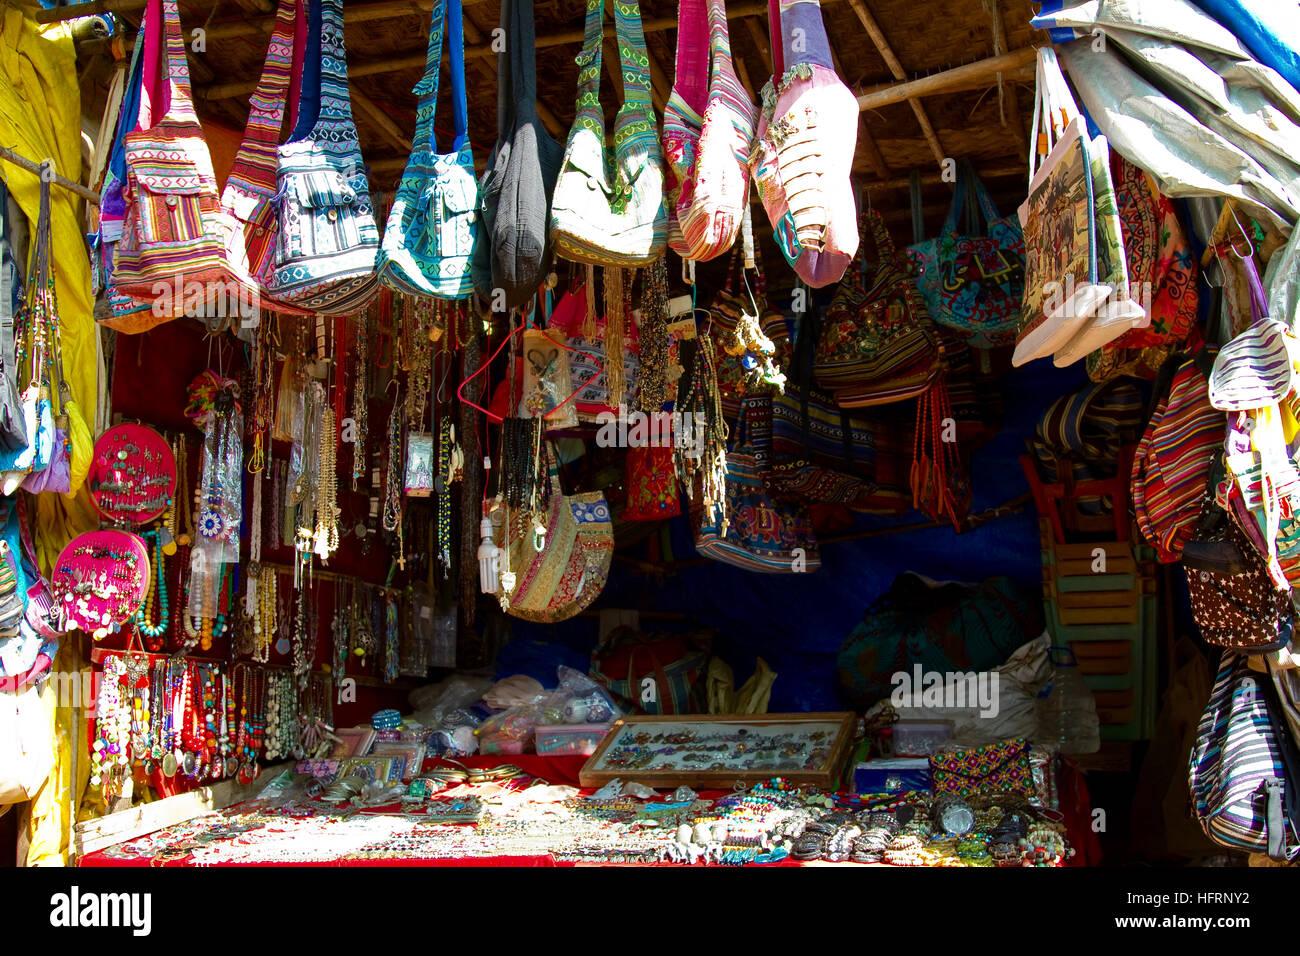 538a5283166c Calado del proveedor local con bolsas y accesorios para mujeres turistas en  la playa de Anjuna en el norte de Goa